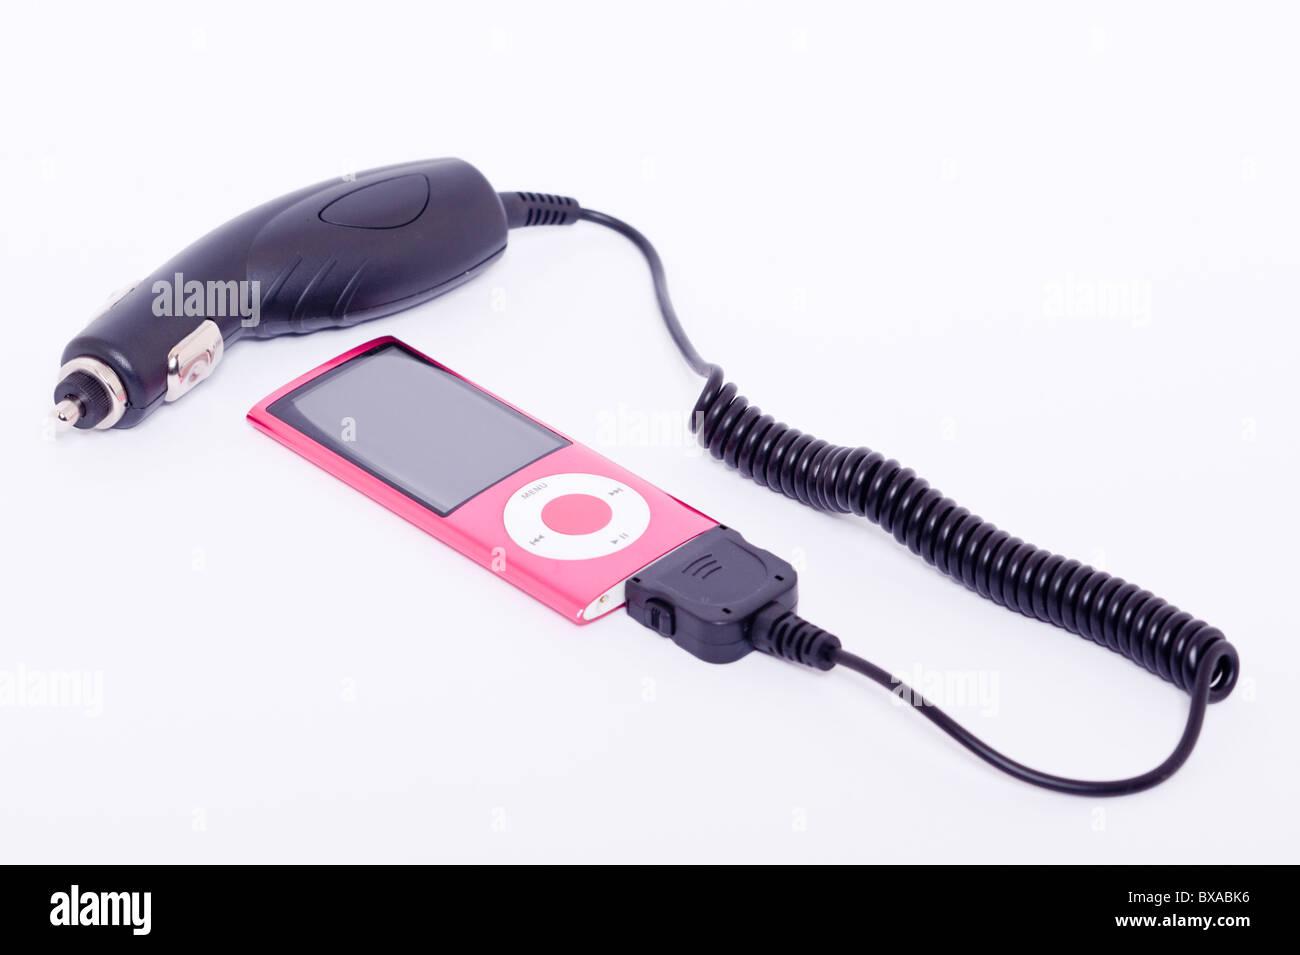 Ein Ipod Nano 5th Generation digitalen Musik-Player mit Auto-Ladegerät Attatched auf weißem Hintergrund Stockbild